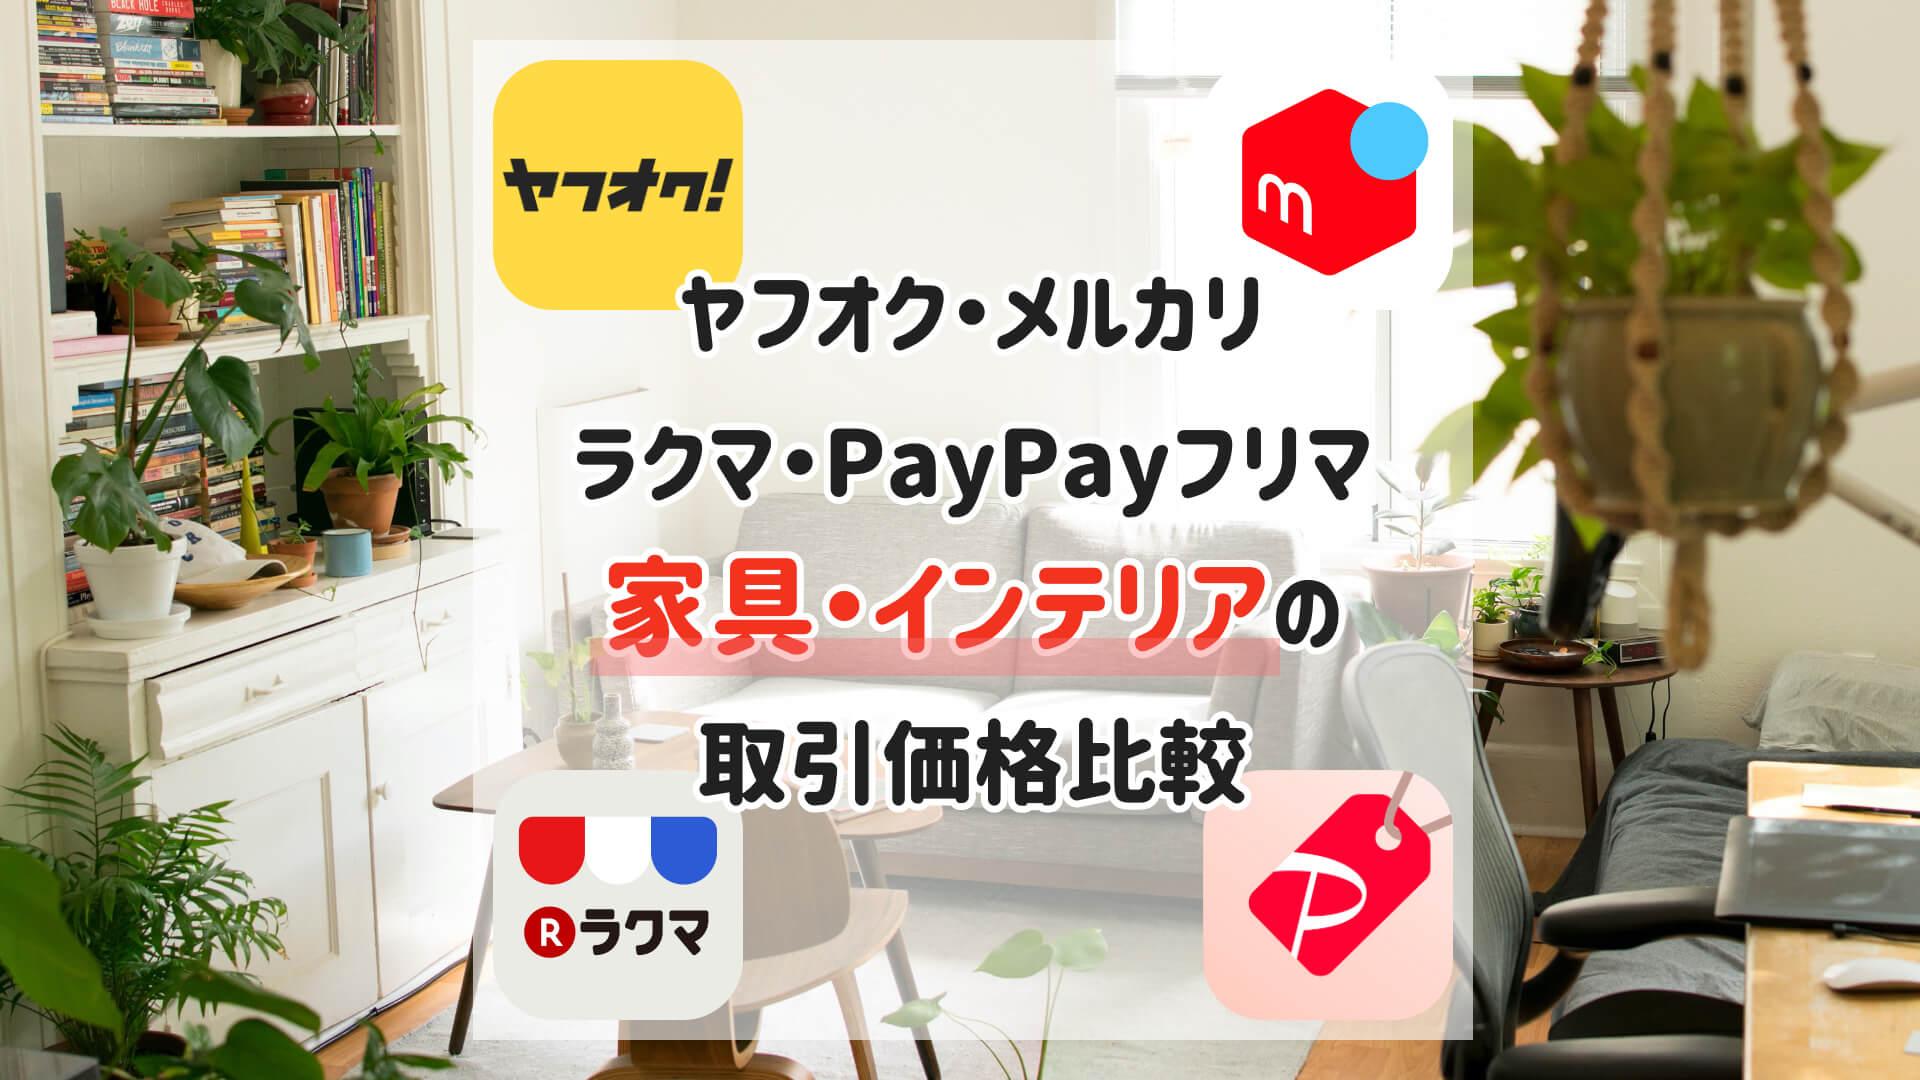 【ヤフオク・メルカリ・ラクマ・PayPayフリマ】 家具・インテリアの落札取引価格比較【神戸オークション】